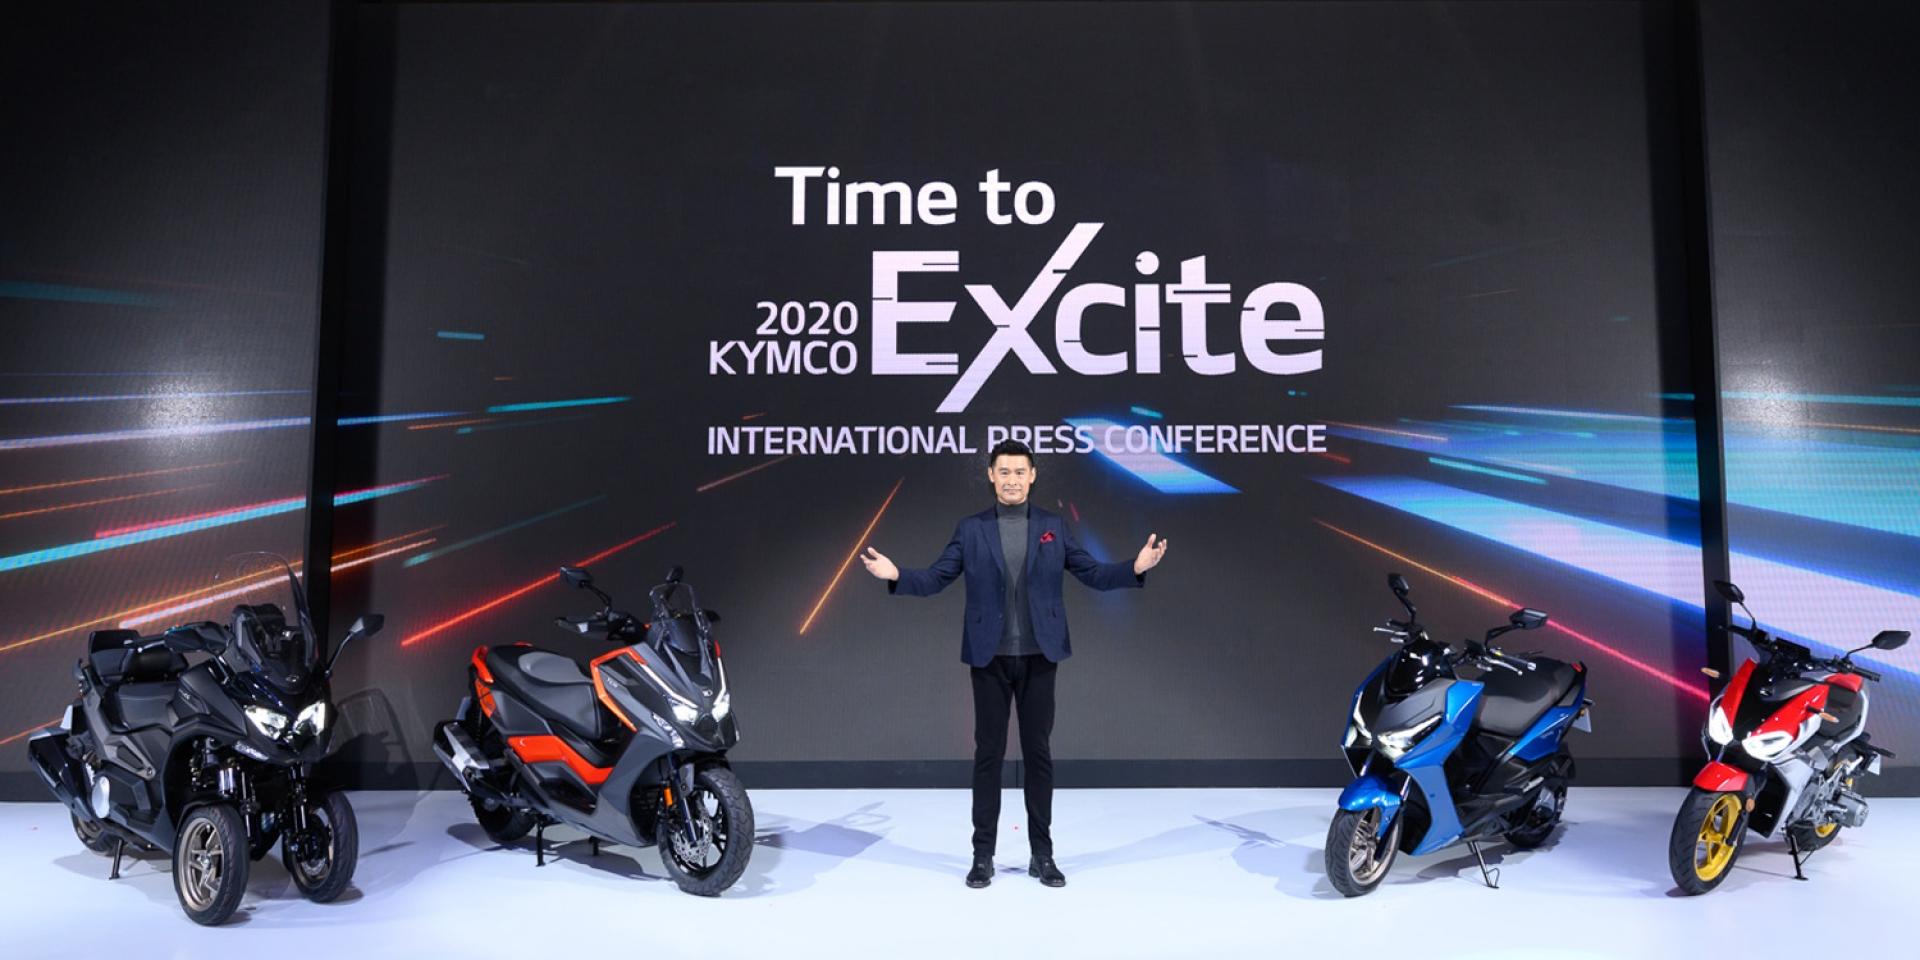 明年初還有新電動車,持續與世界各新創品牌合作!KYMCO 董事長柯勝峯談未來市場計畫